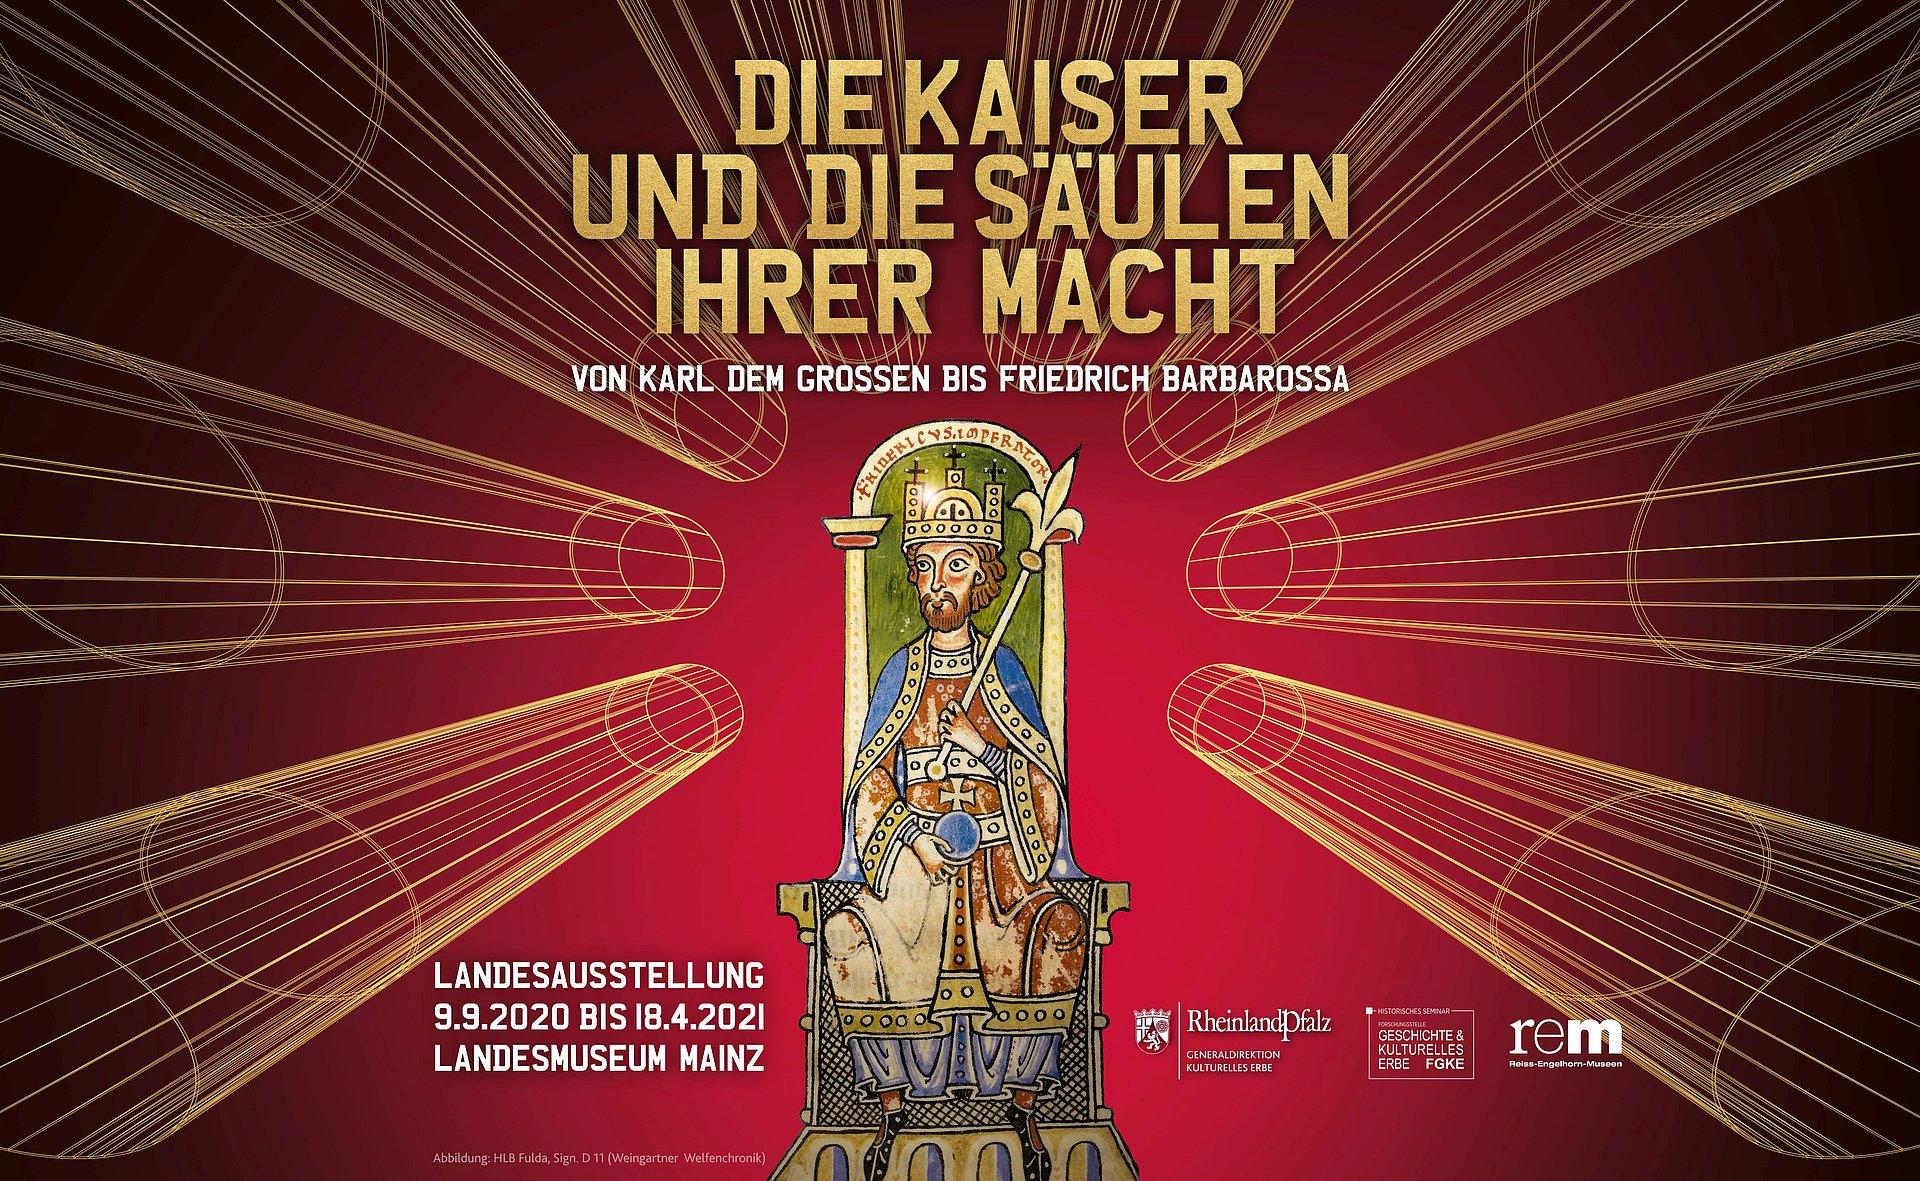 """Landesausstellung """"Die Kaiser und die Säulen ihrer Macht"""" in Mainz, Rheinhessen"""